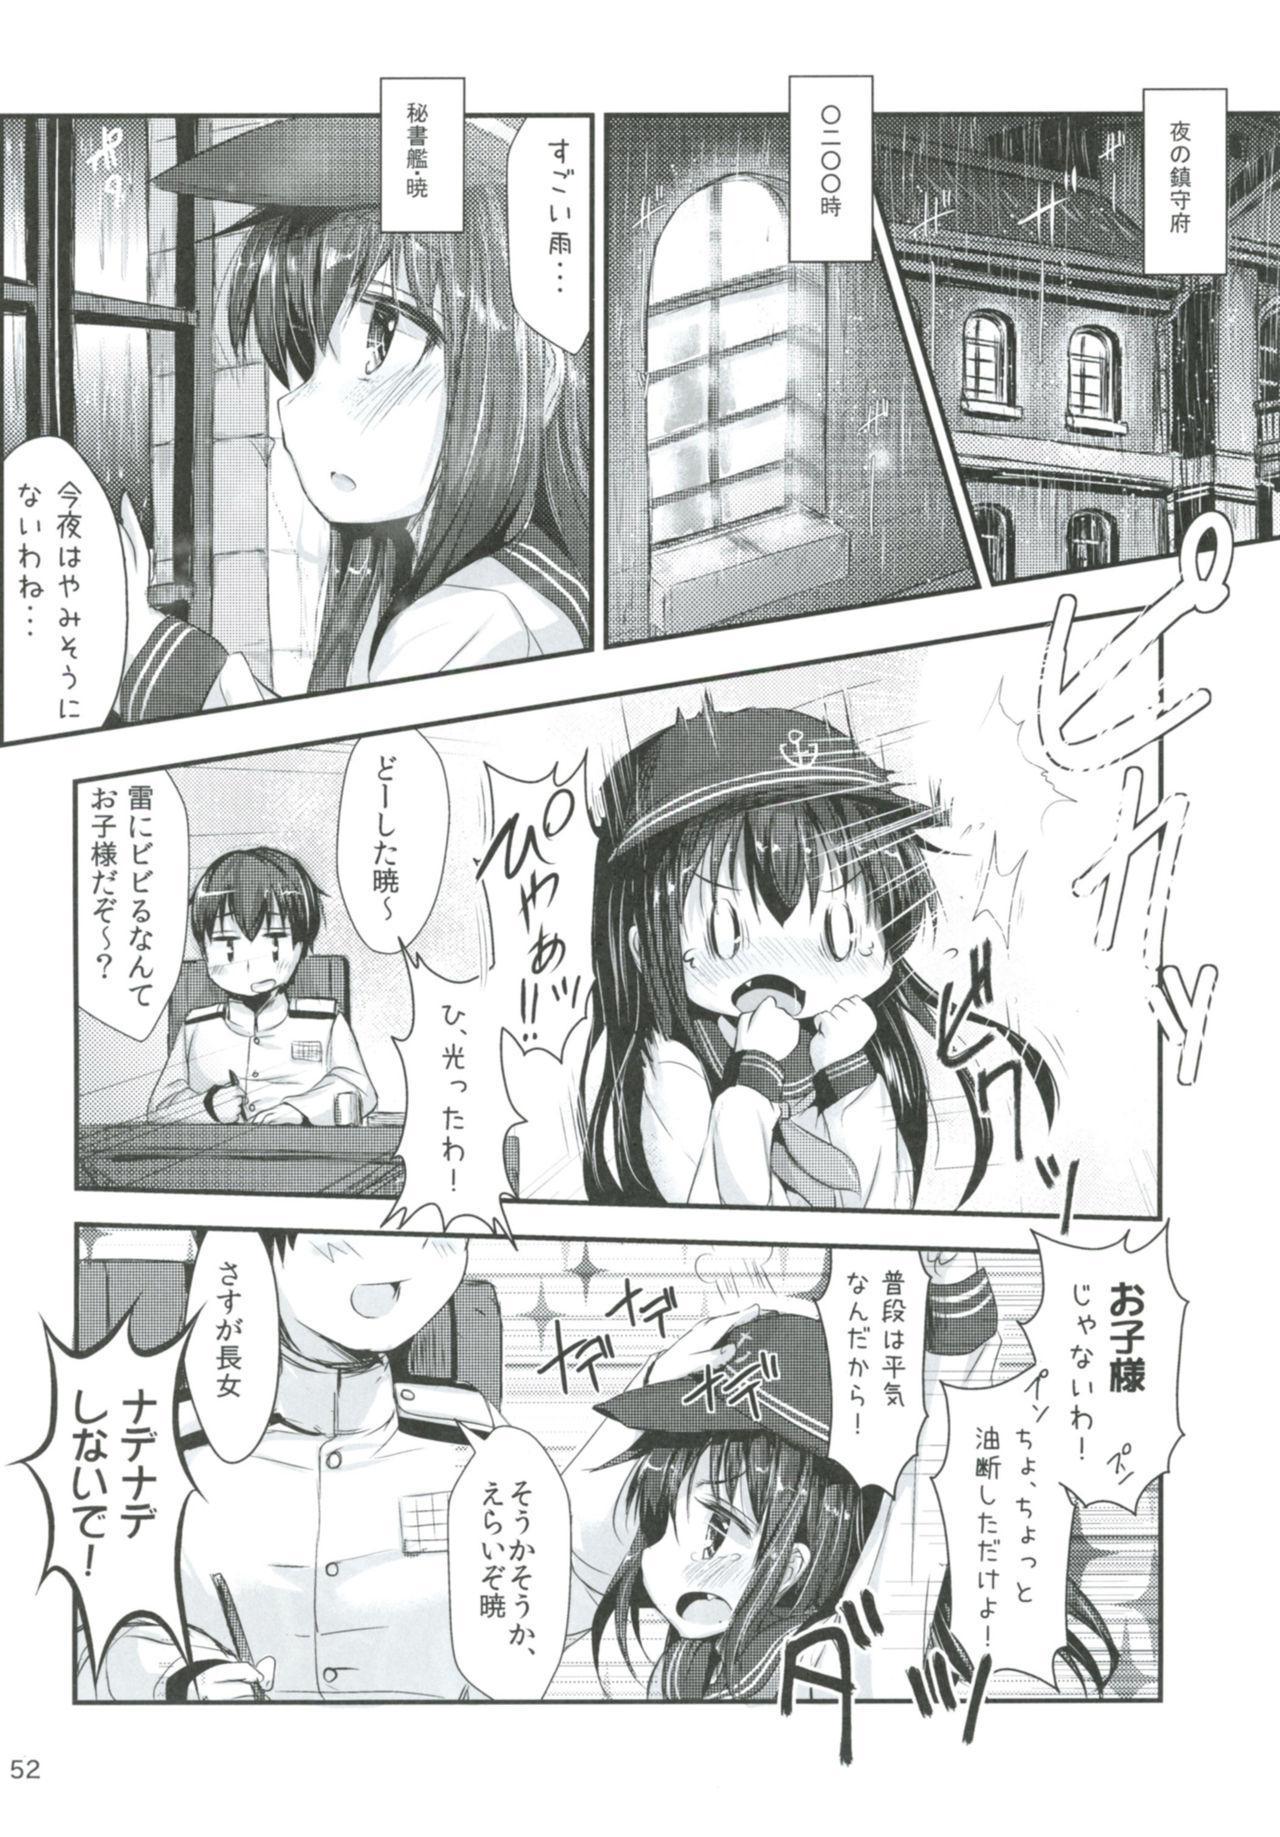 [Inyu-goya (Inyucchi)] Shireikan-san wa SexHara-san nano desu Matome (Kantai Collection -KanColle-) [Digital] 50